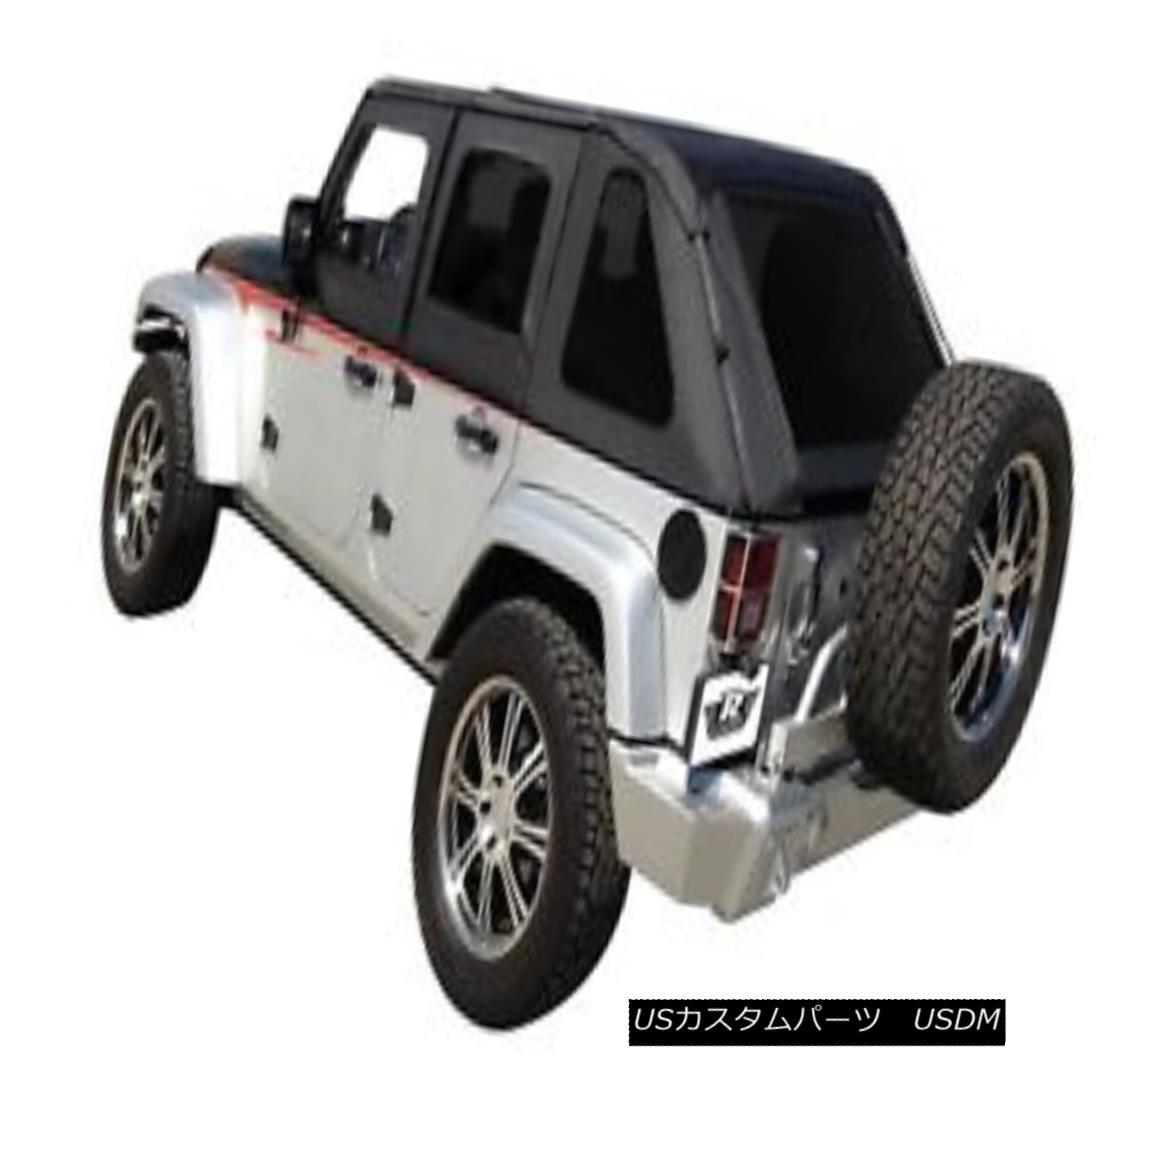 幌・ソフトトップ Rampage 109835 Frameless Soft Top Kit Sailcloth Fits 07-18 Wrangler (JK) ランペイジ109835フレームレスソフトトップキットセールローツ07-18ラングラー(JK)